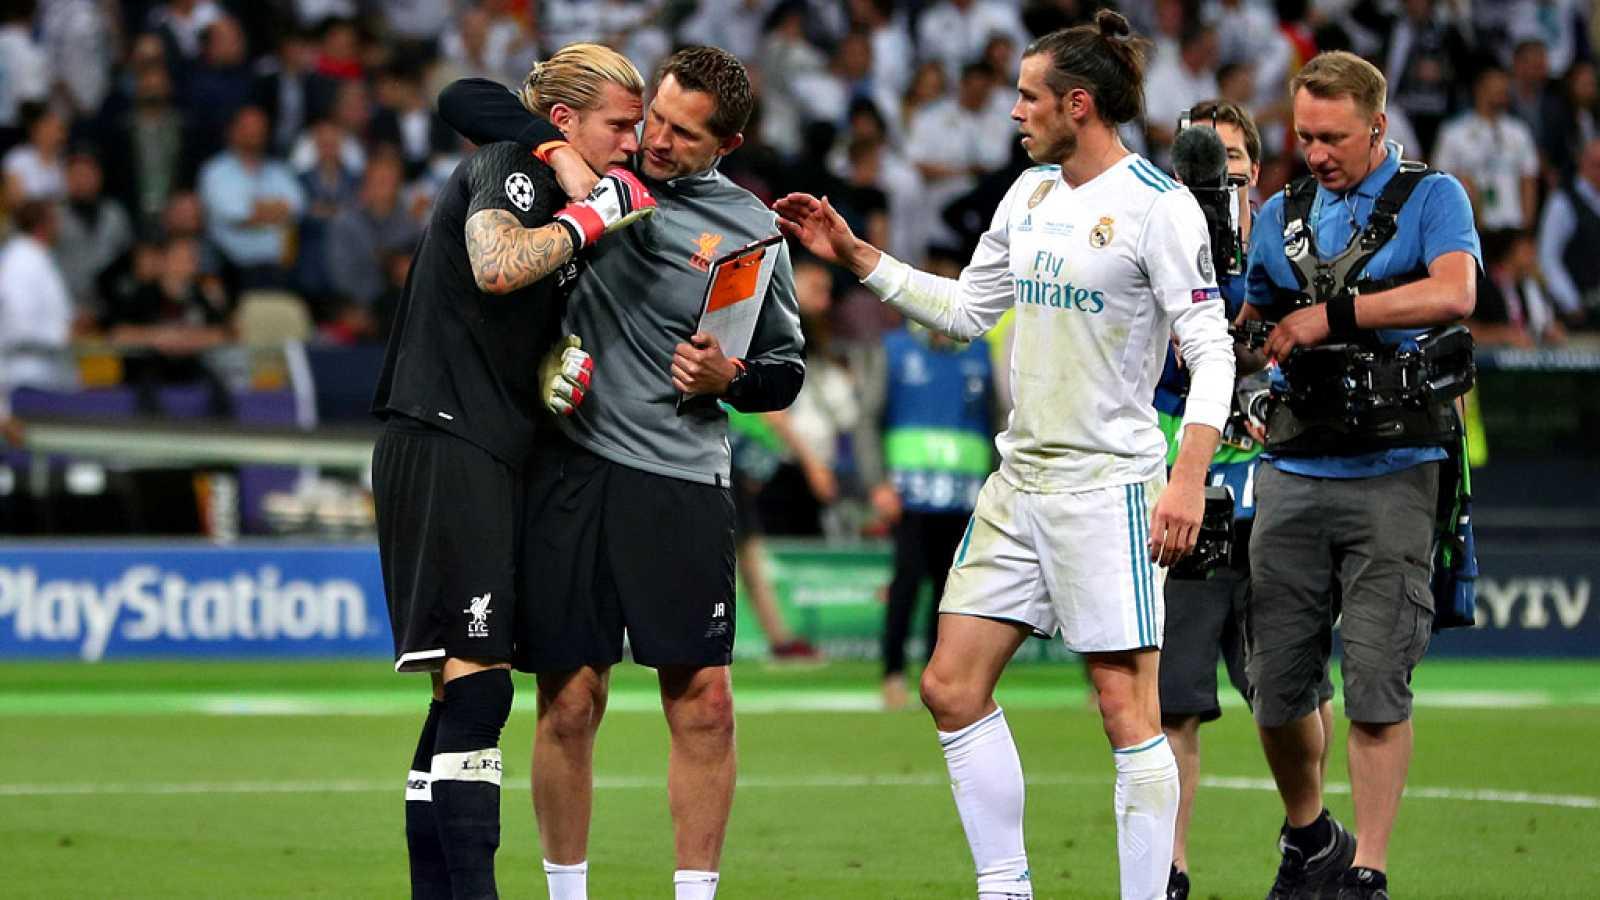 Los principales diarios europeos de la prensa deportiva han elogiado al Real Madrid después de añadir la decimotercera Liga de Campeones a su palmarés, merced a su victoria por 3-1 ante el Liverpool FC en la final disputada este sábado en el Estadio